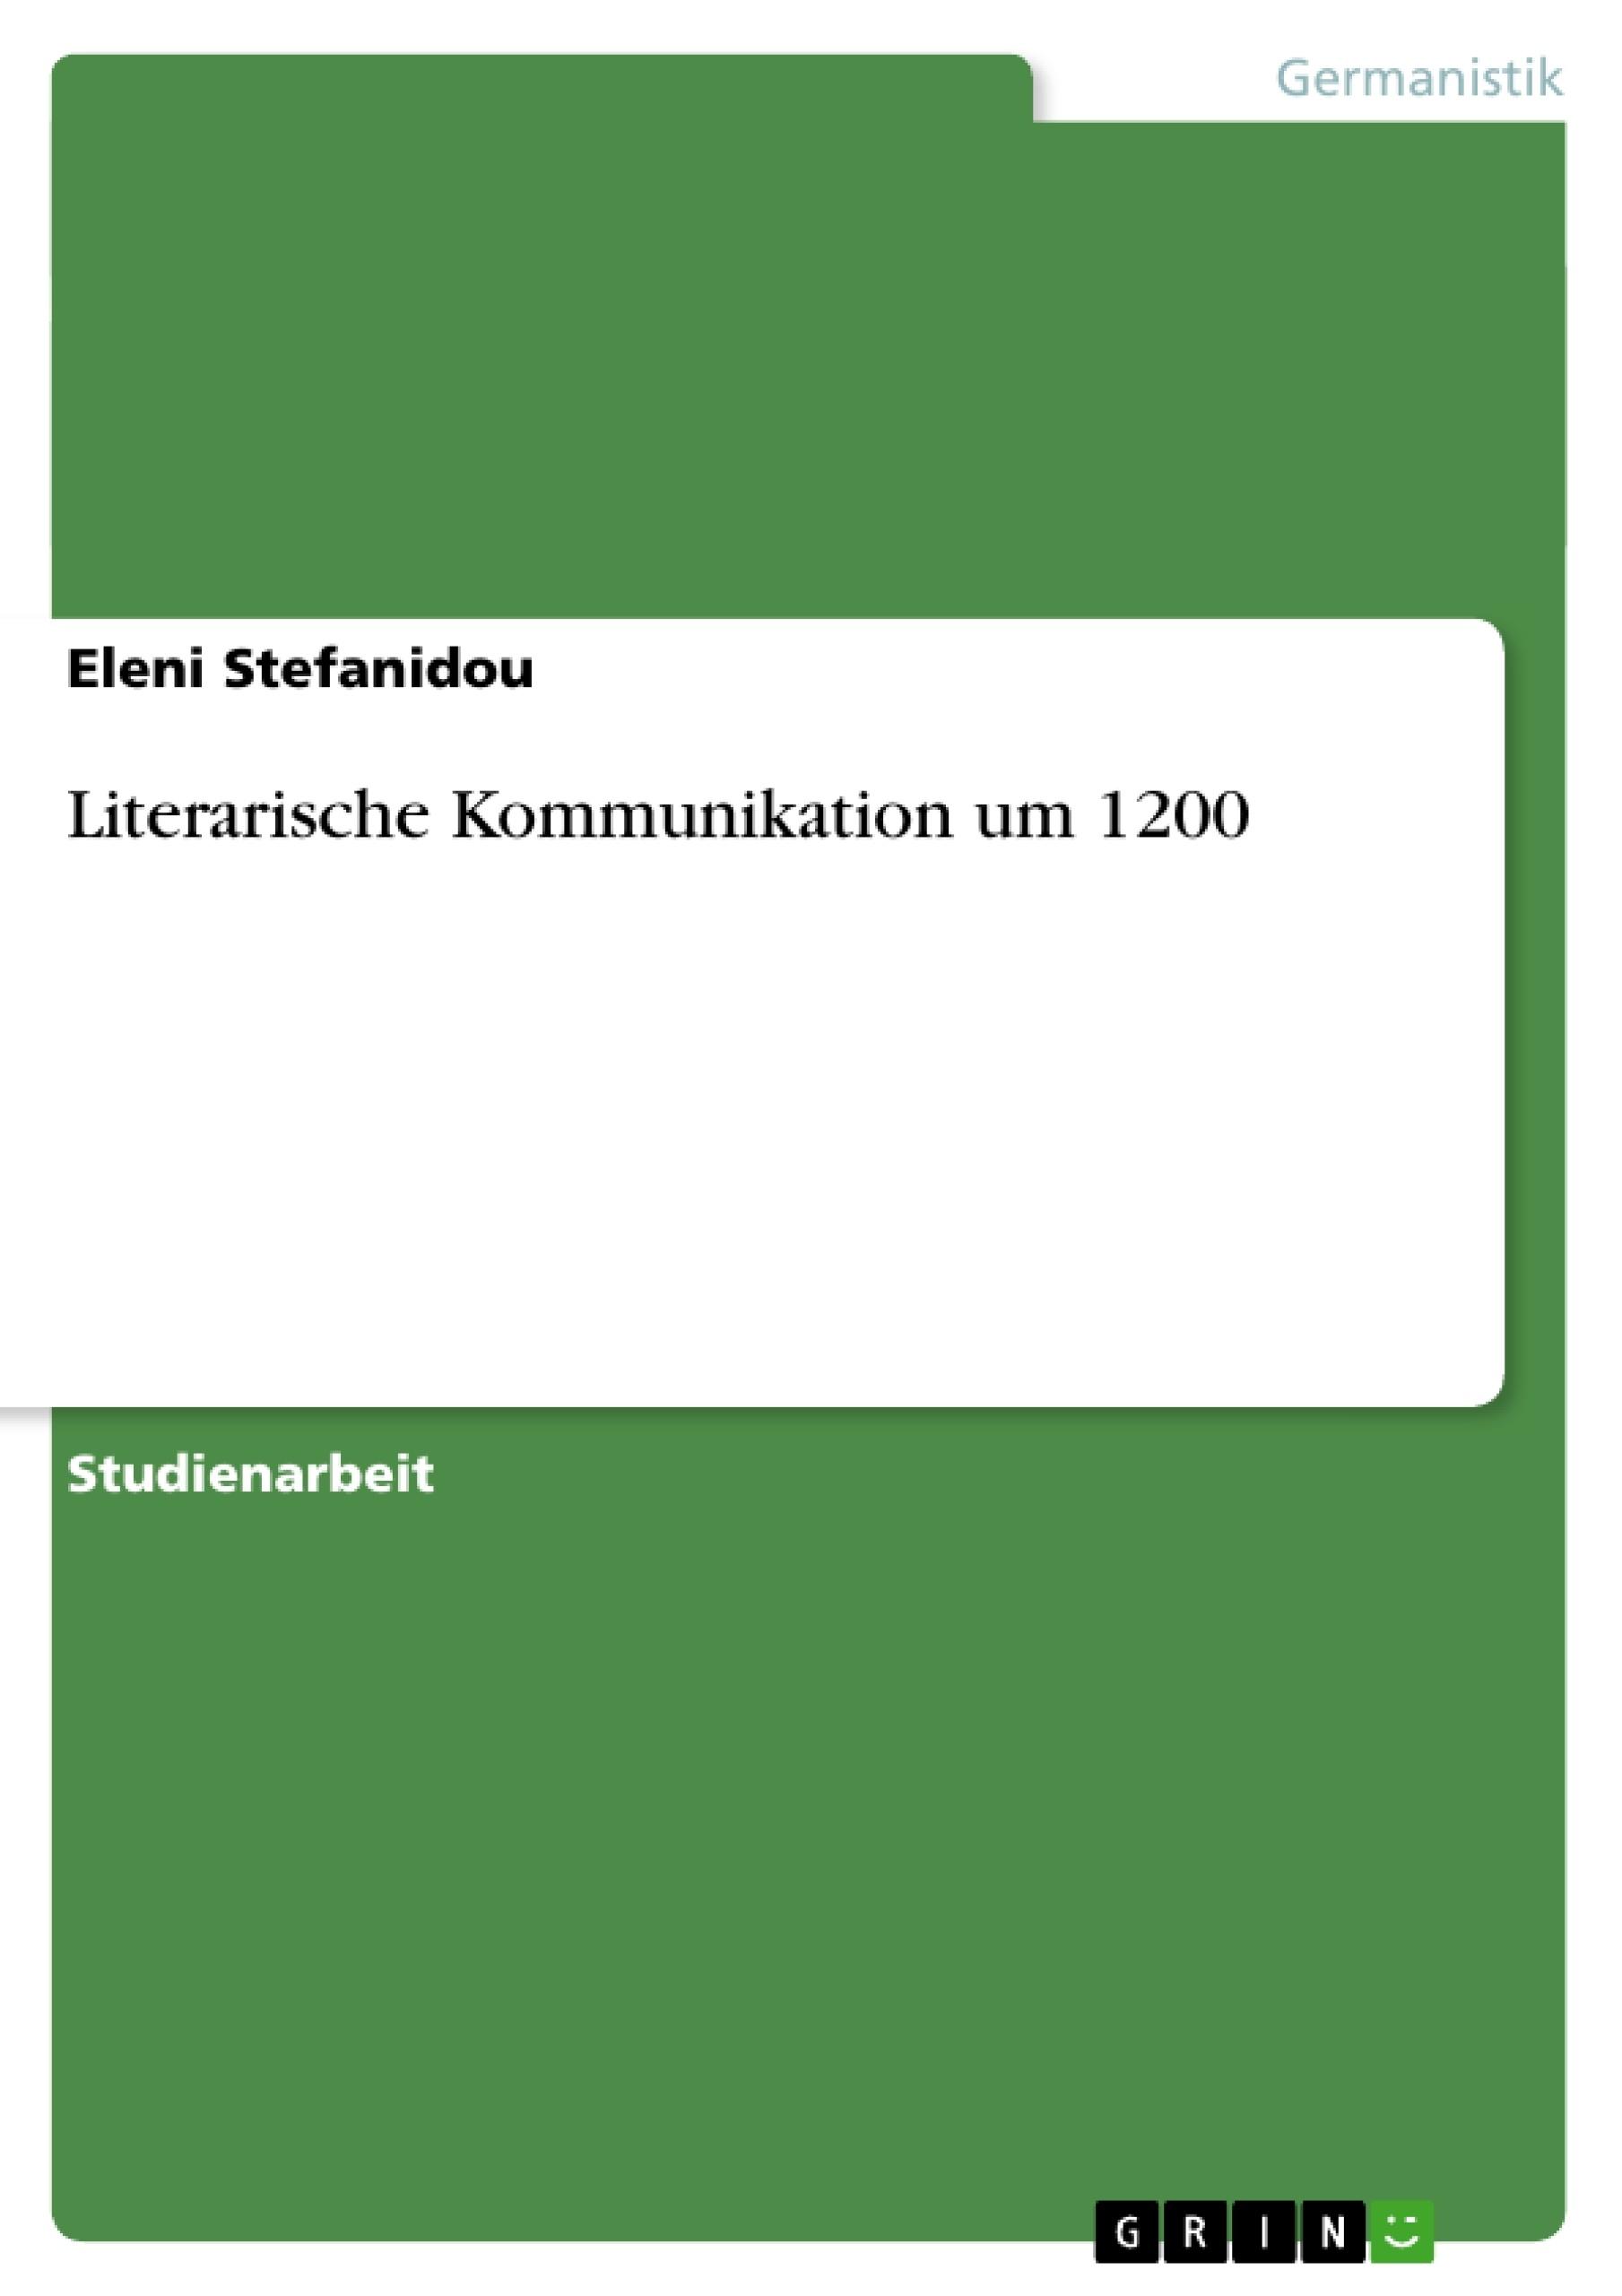 Titel: Literarische Kommunikation um 1200